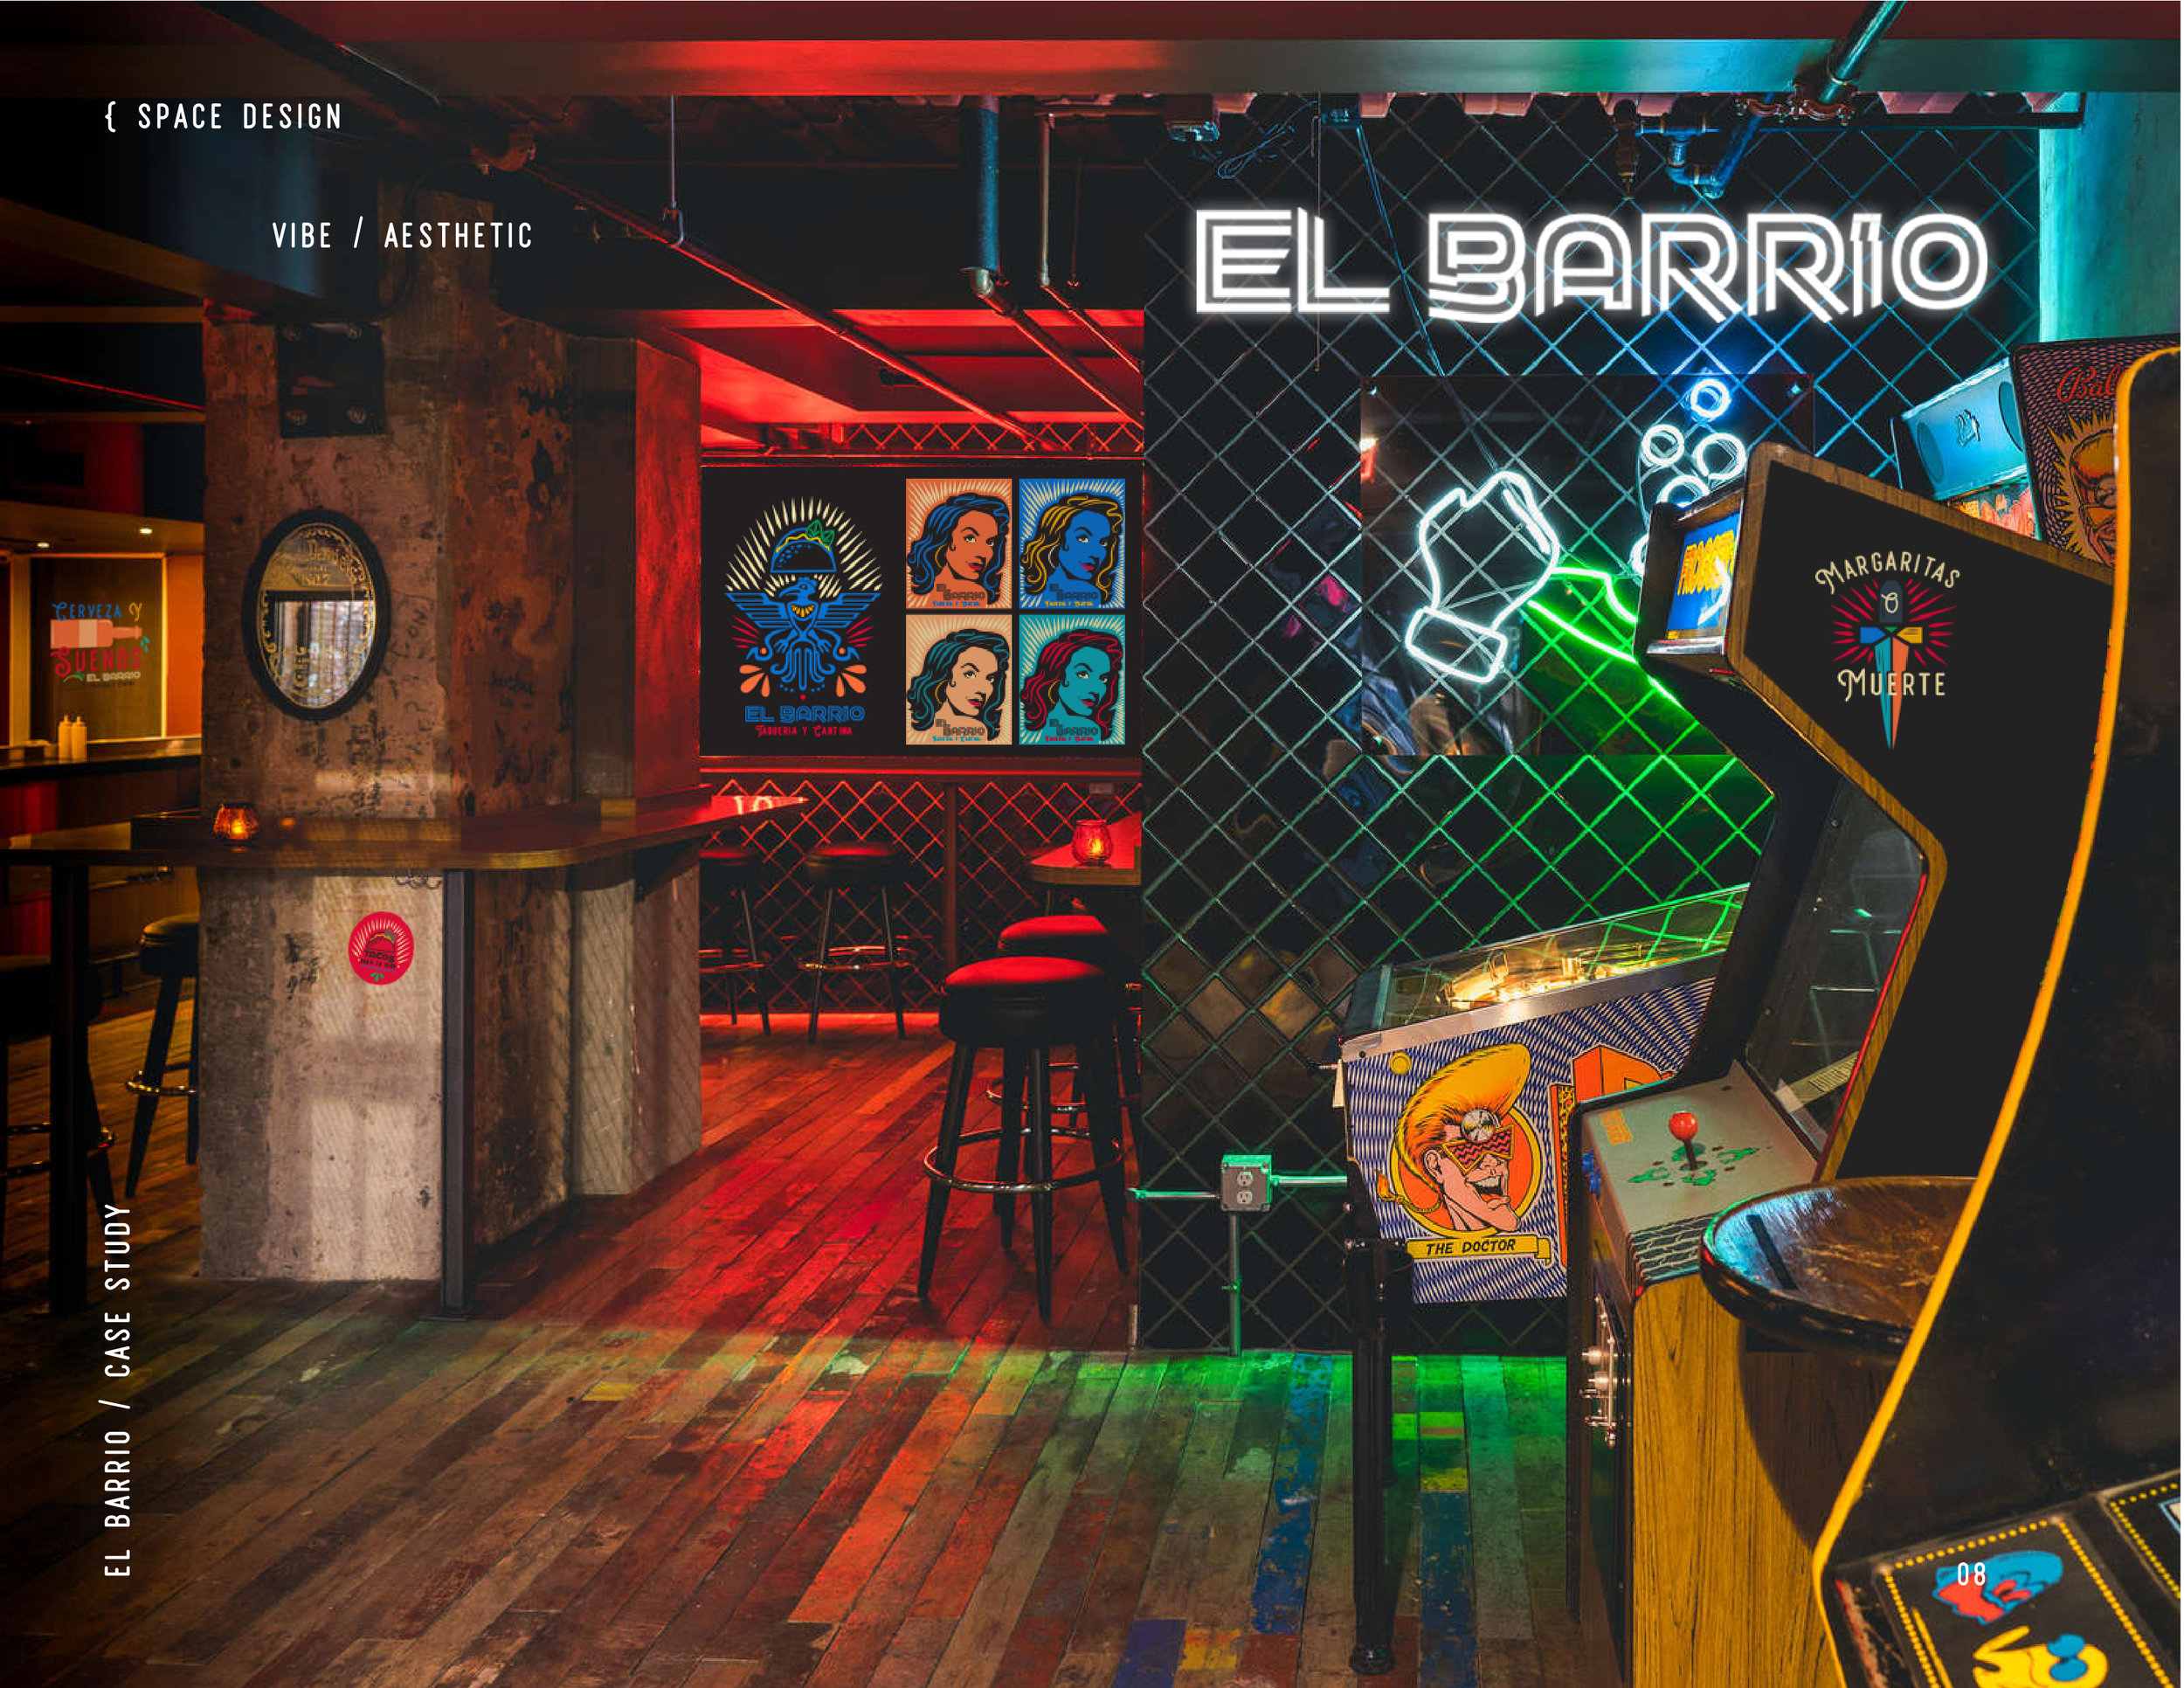 El Barrio -  Brand Design